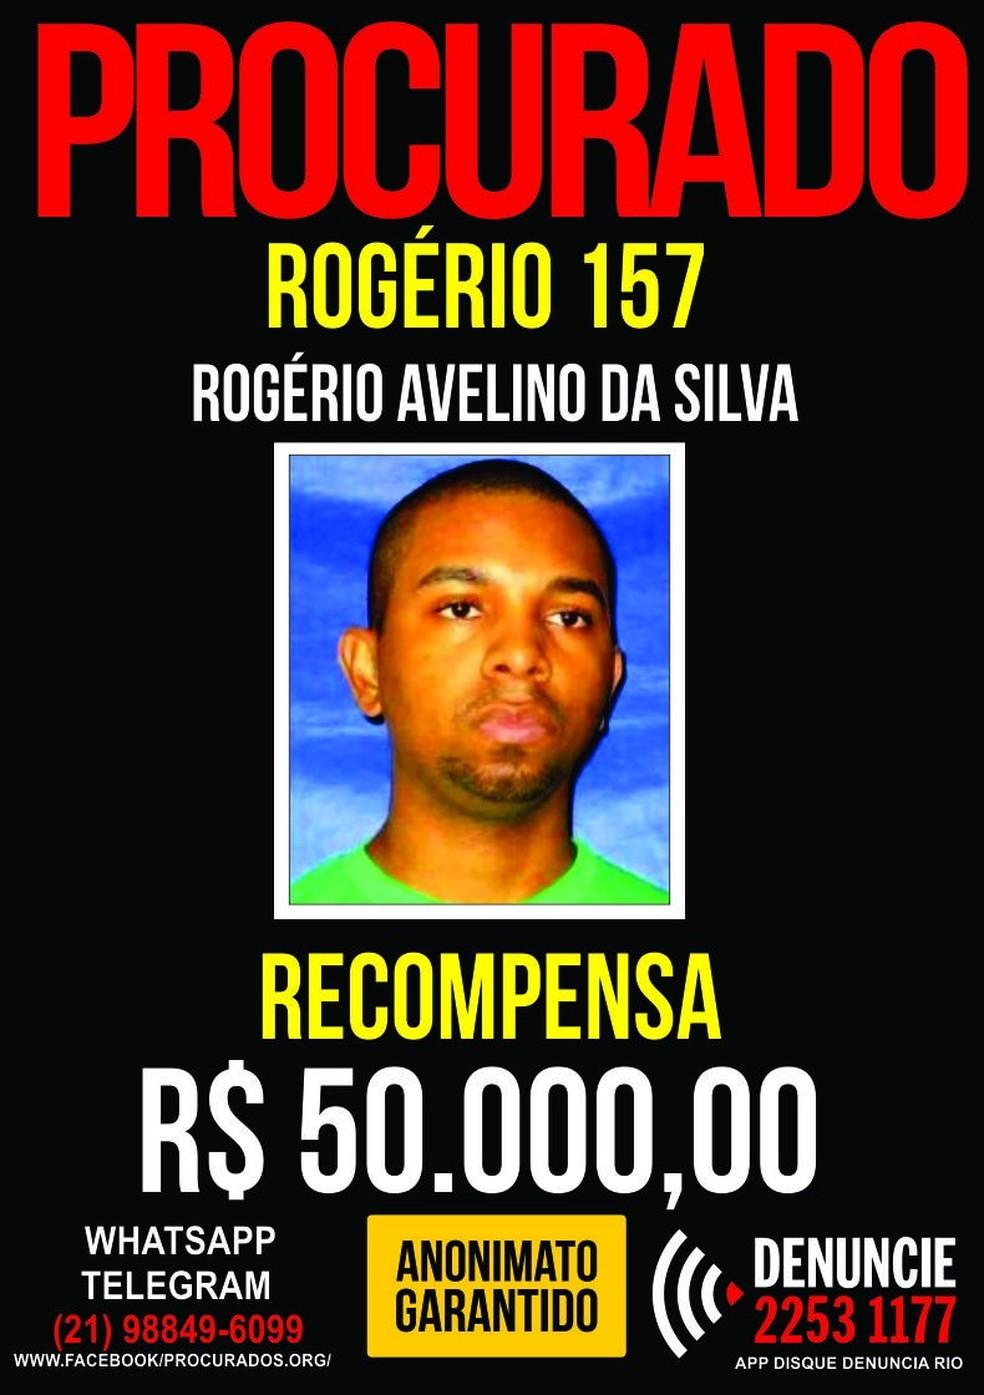 Polícia aumentou a recompensa por Rogério para R$ 50 mil (Foto: Reprodução)